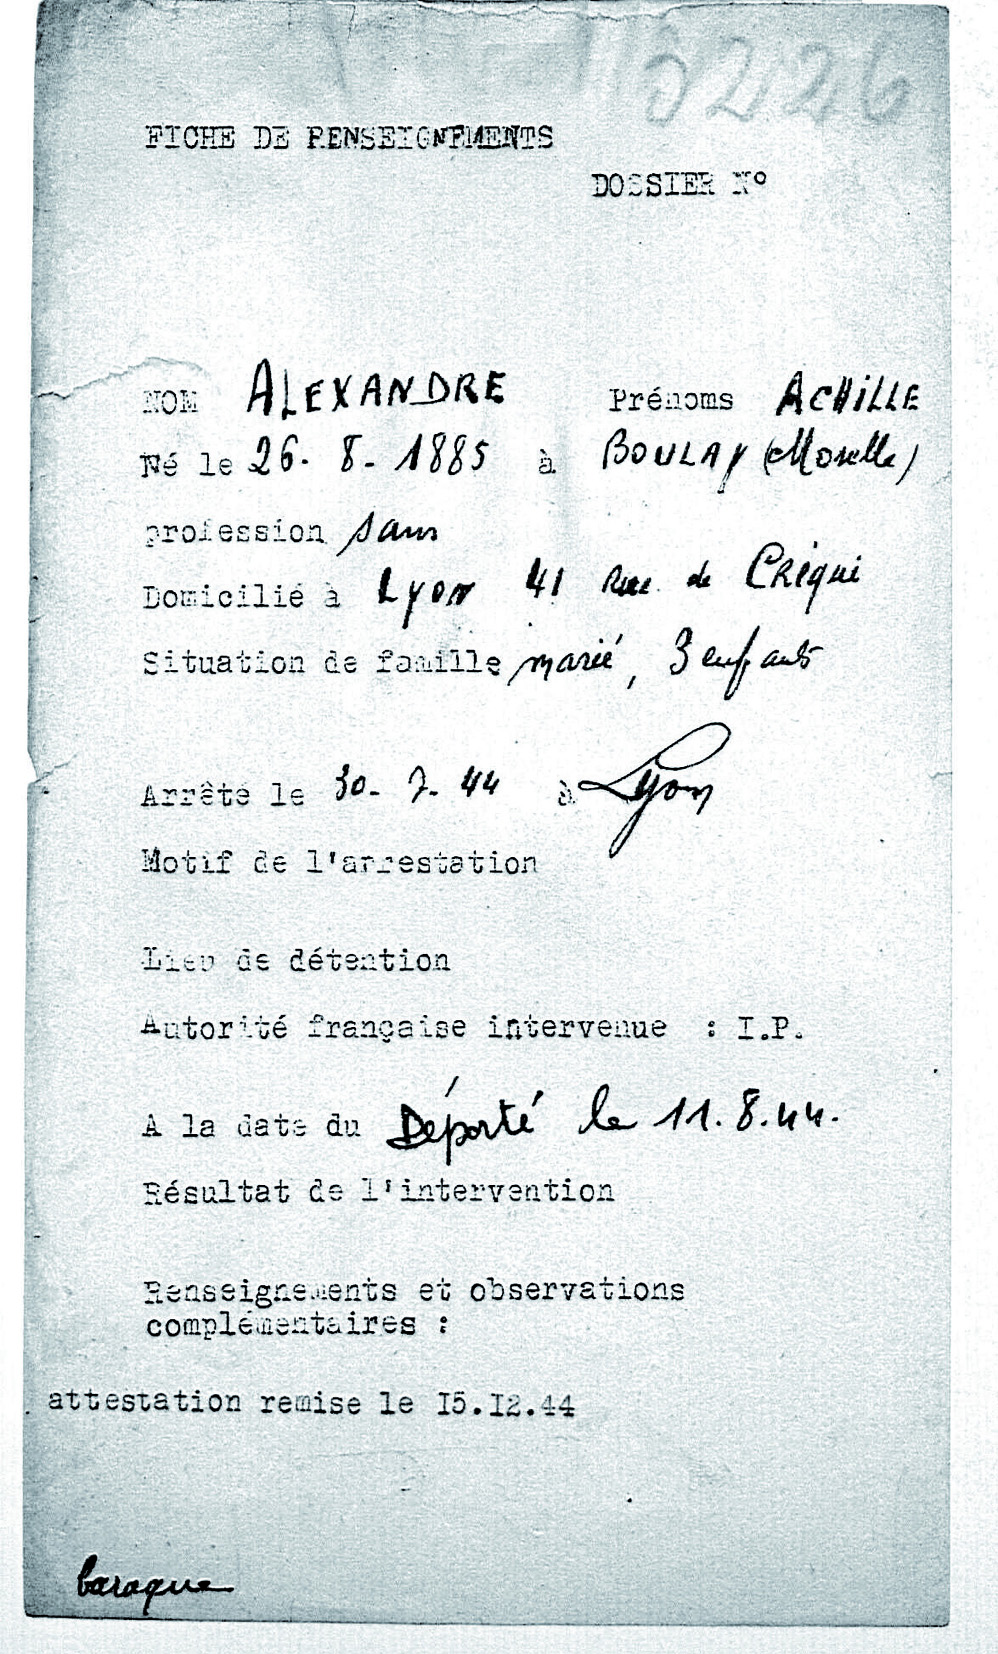 Alexandre-pere--322601-3335 (Fiche)